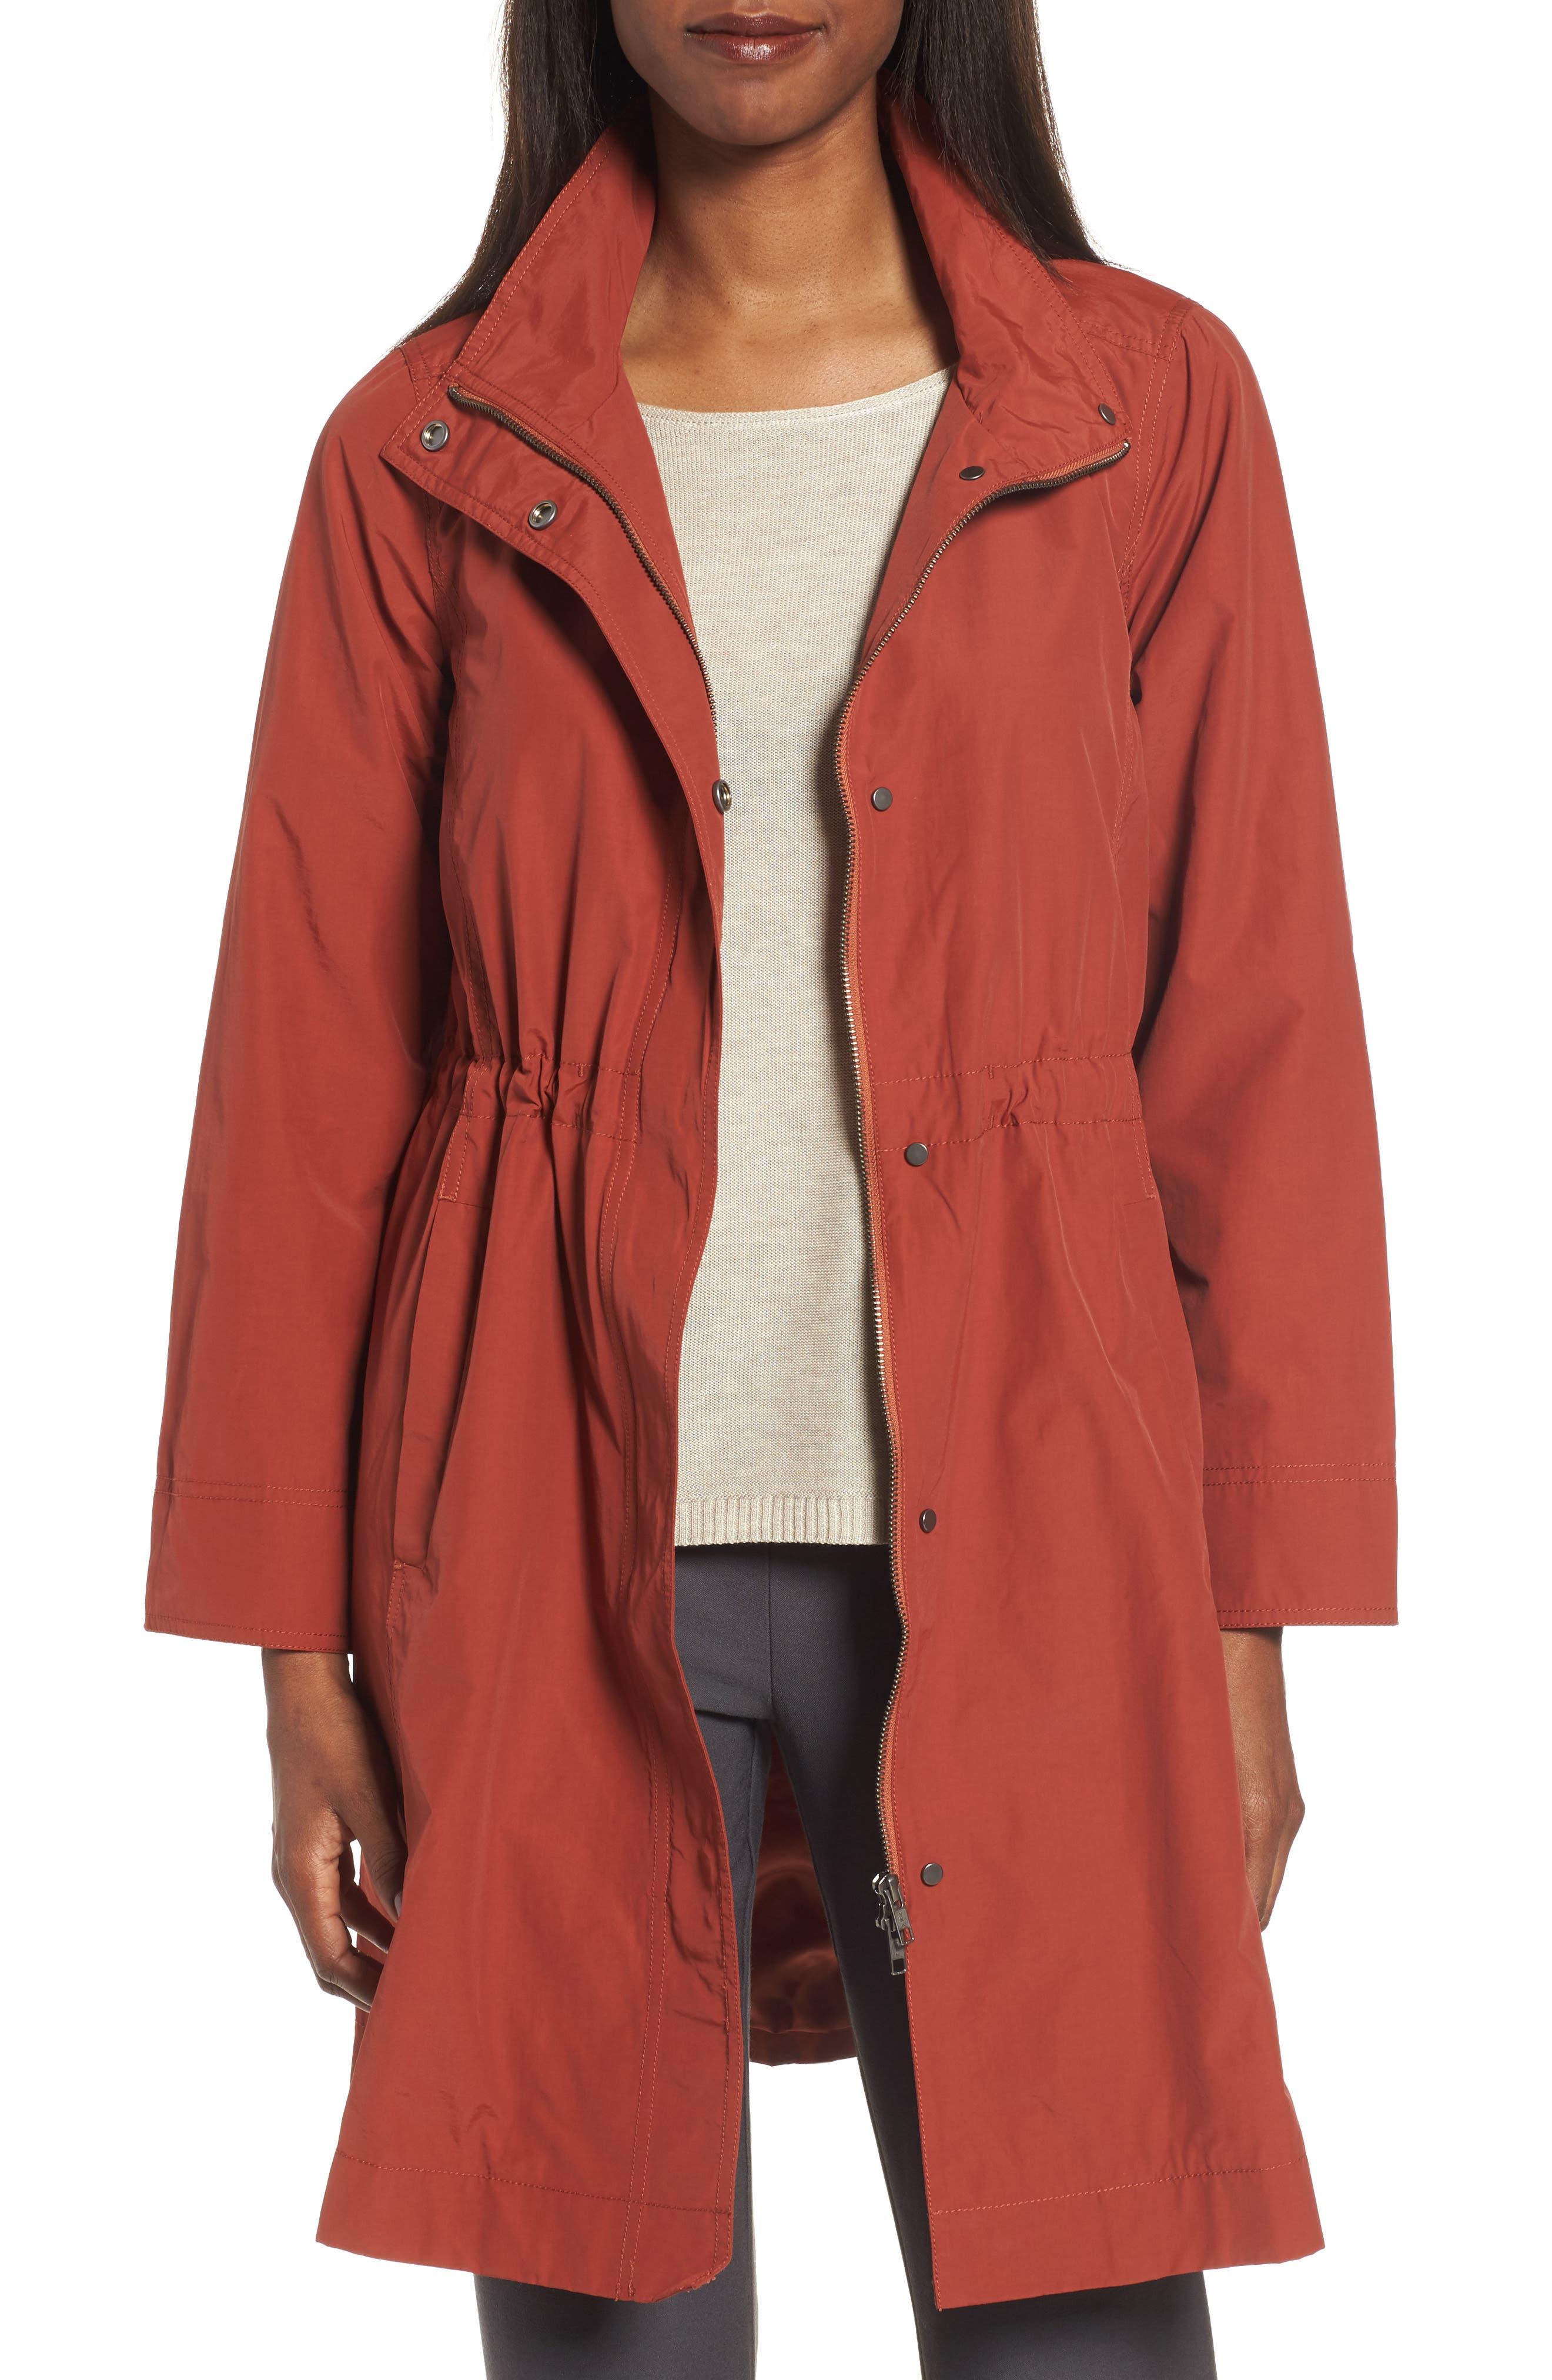 Eileen Fisher Long Organic Cotton Blend Jacket